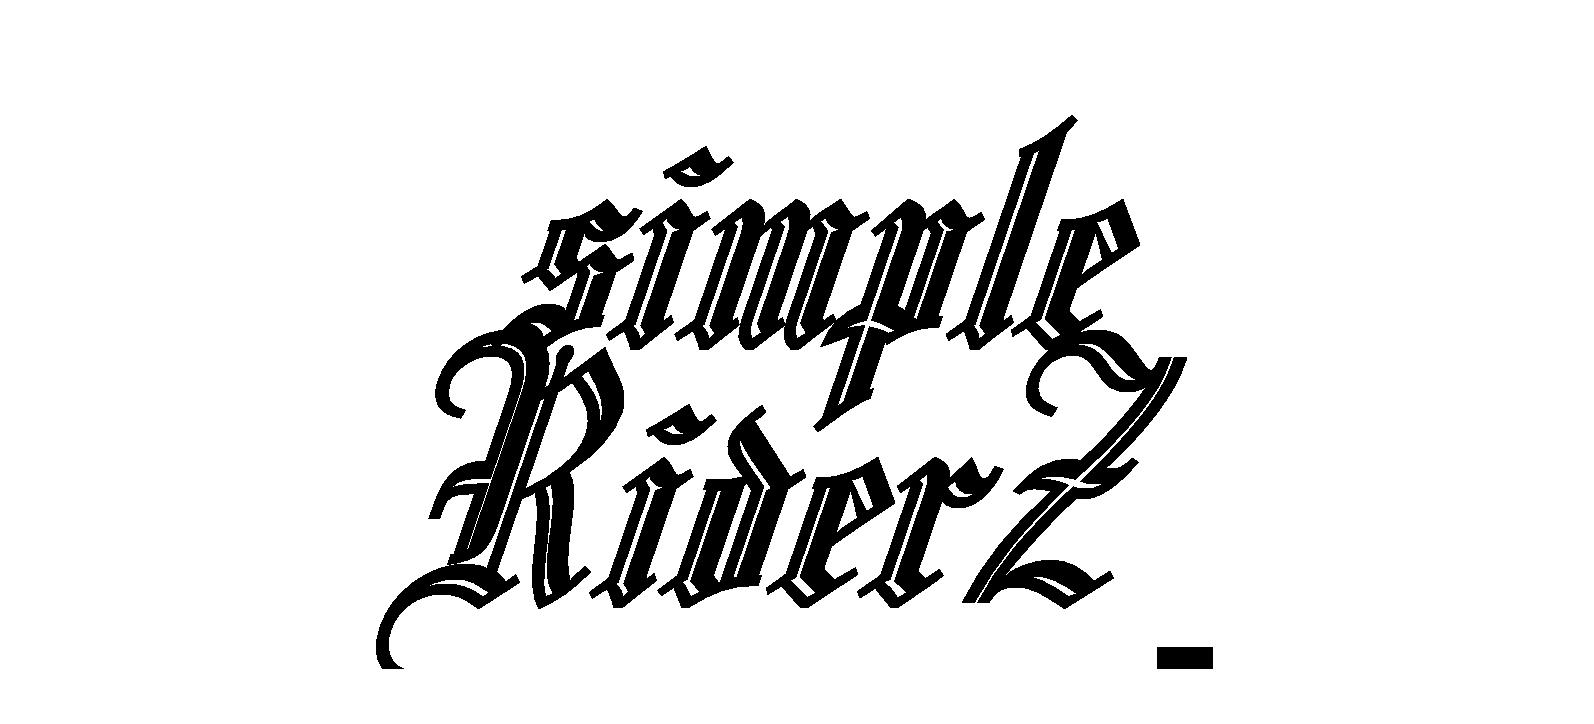 simple riderz Car Club avatar